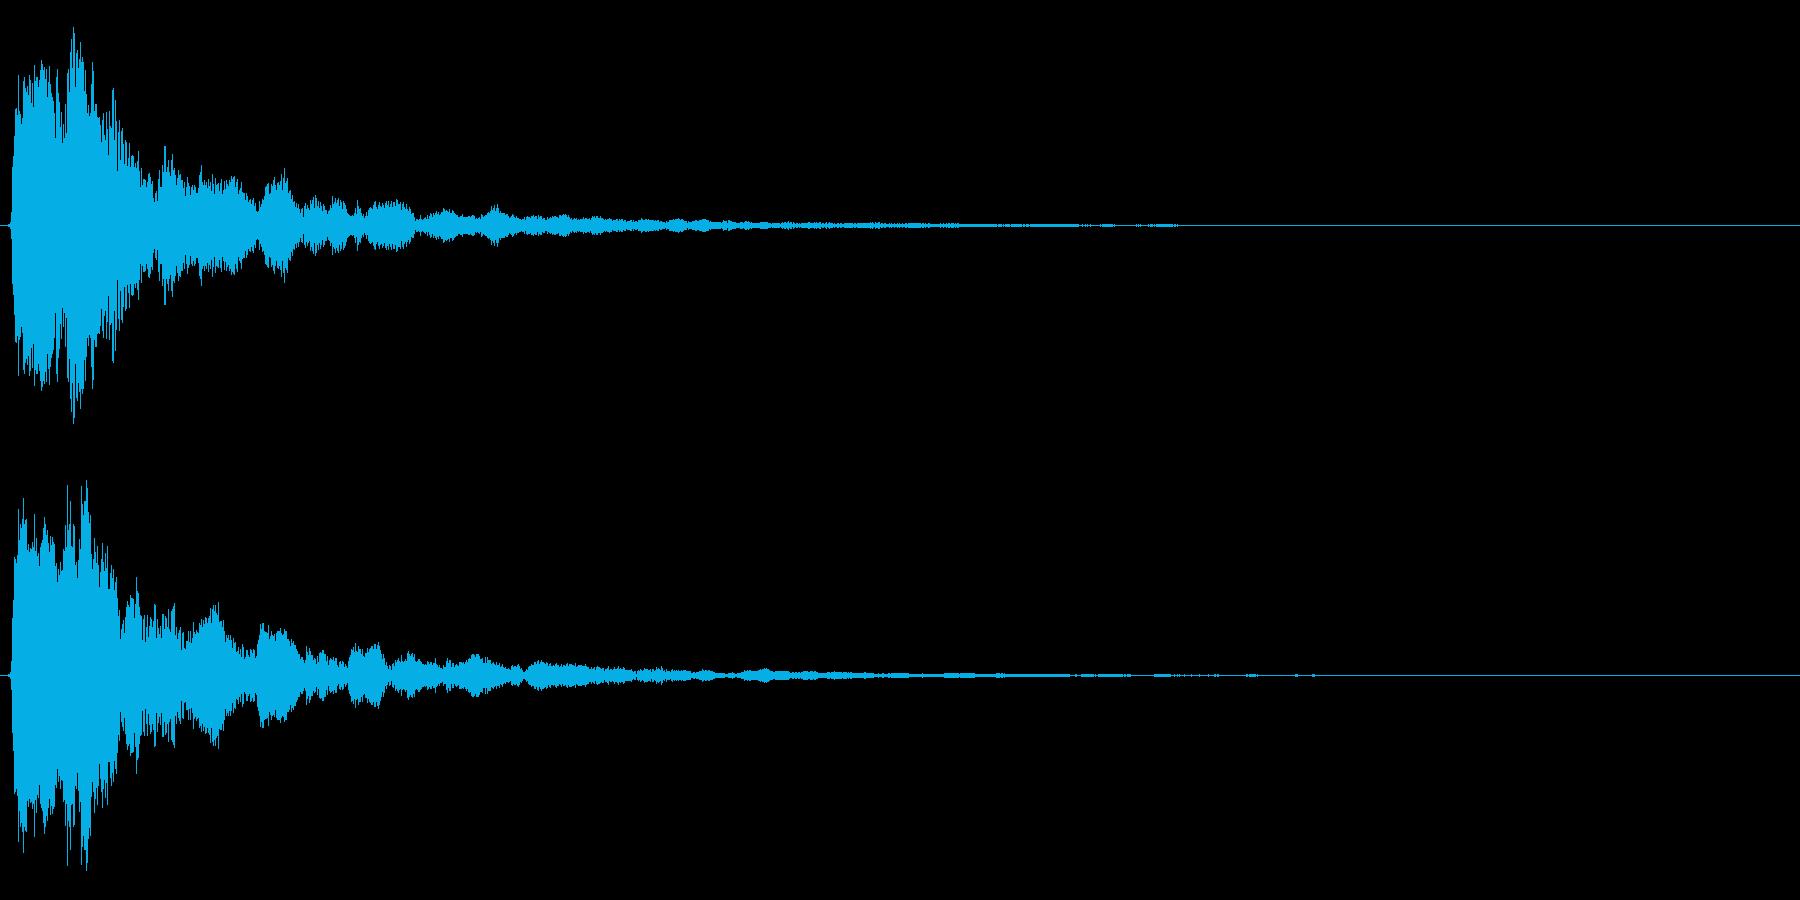 明るいテロップ音 ボタン音 決定音!04の再生済みの波形